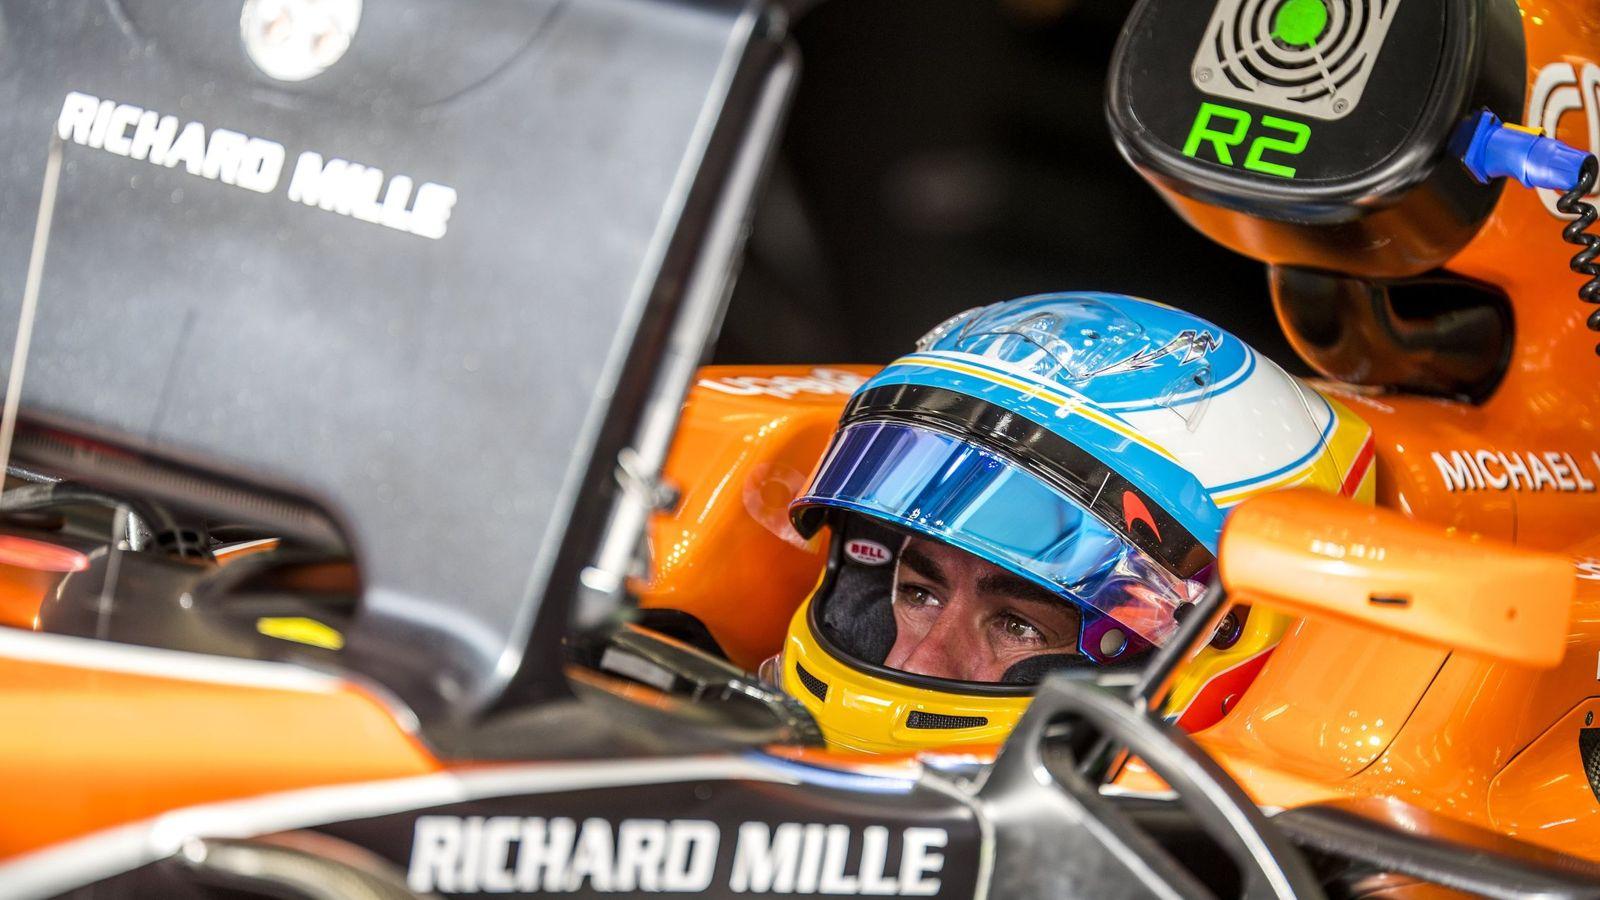 Foto: Nueva decepcionante jornada del McLaren de Fernando Alonso. (EFE)